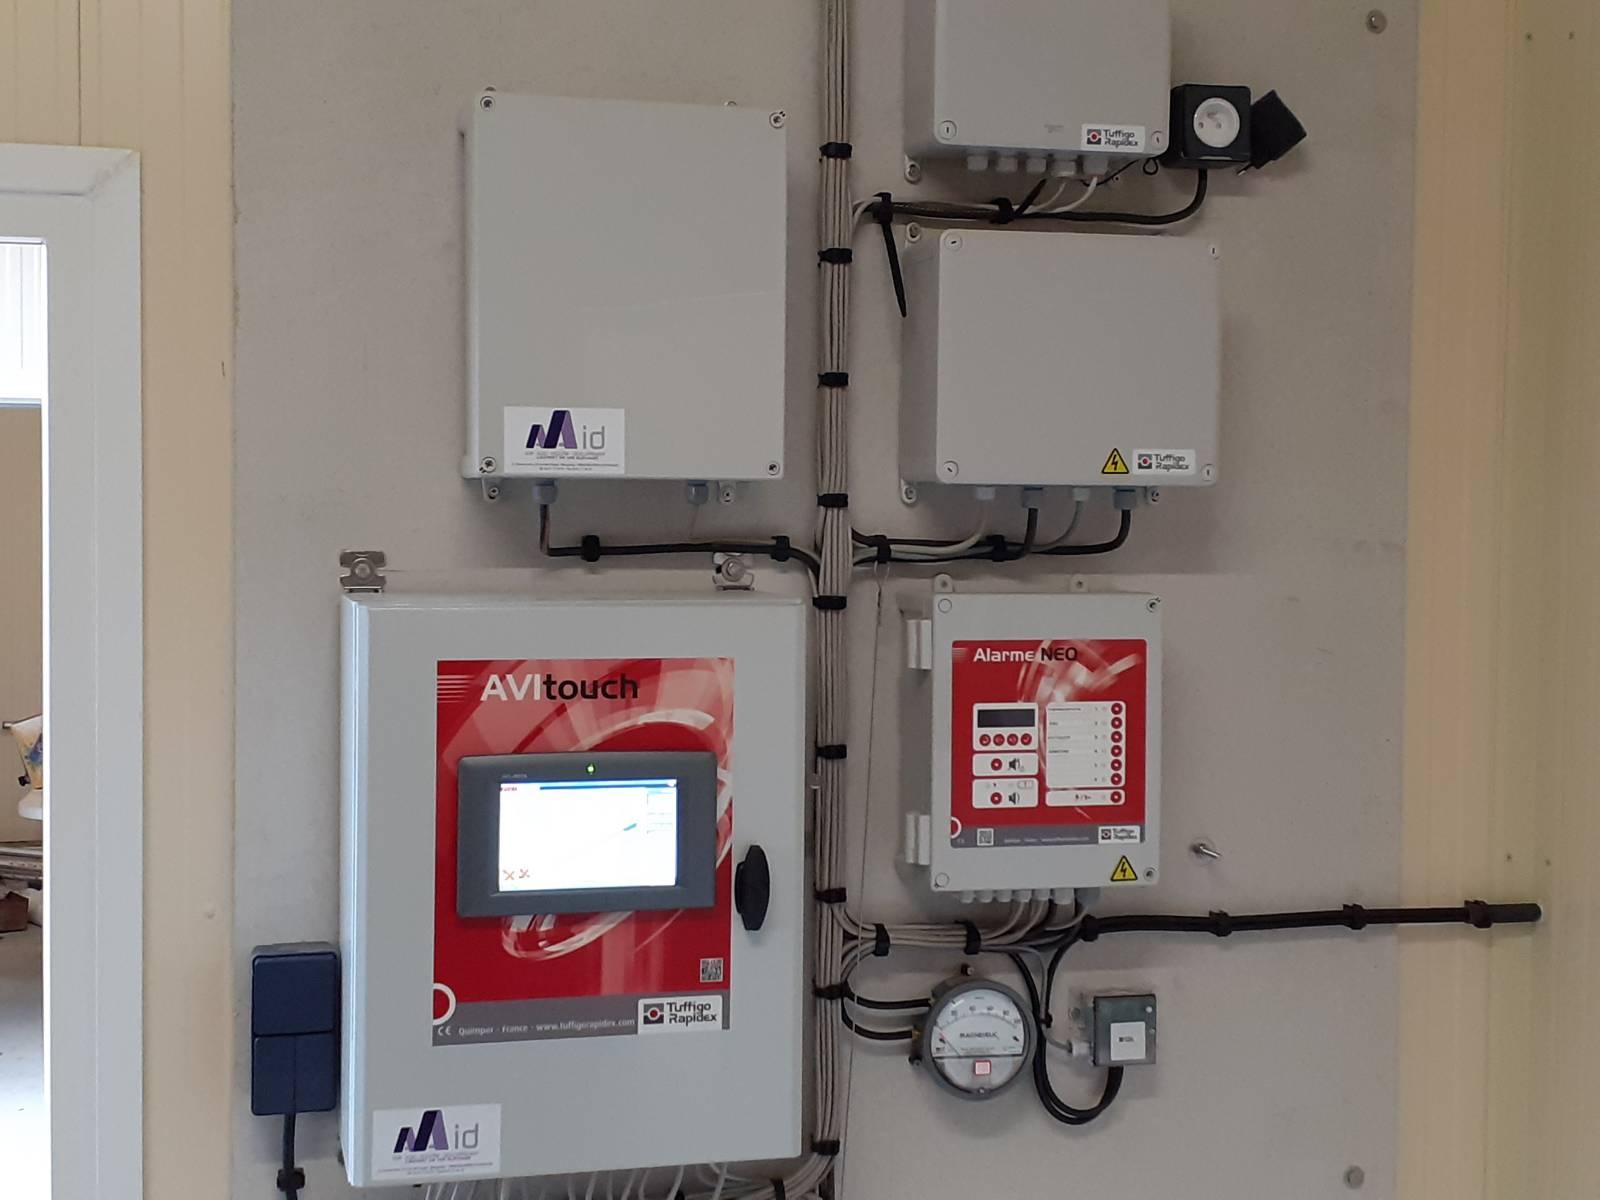 Régulation de ventilation et alarme